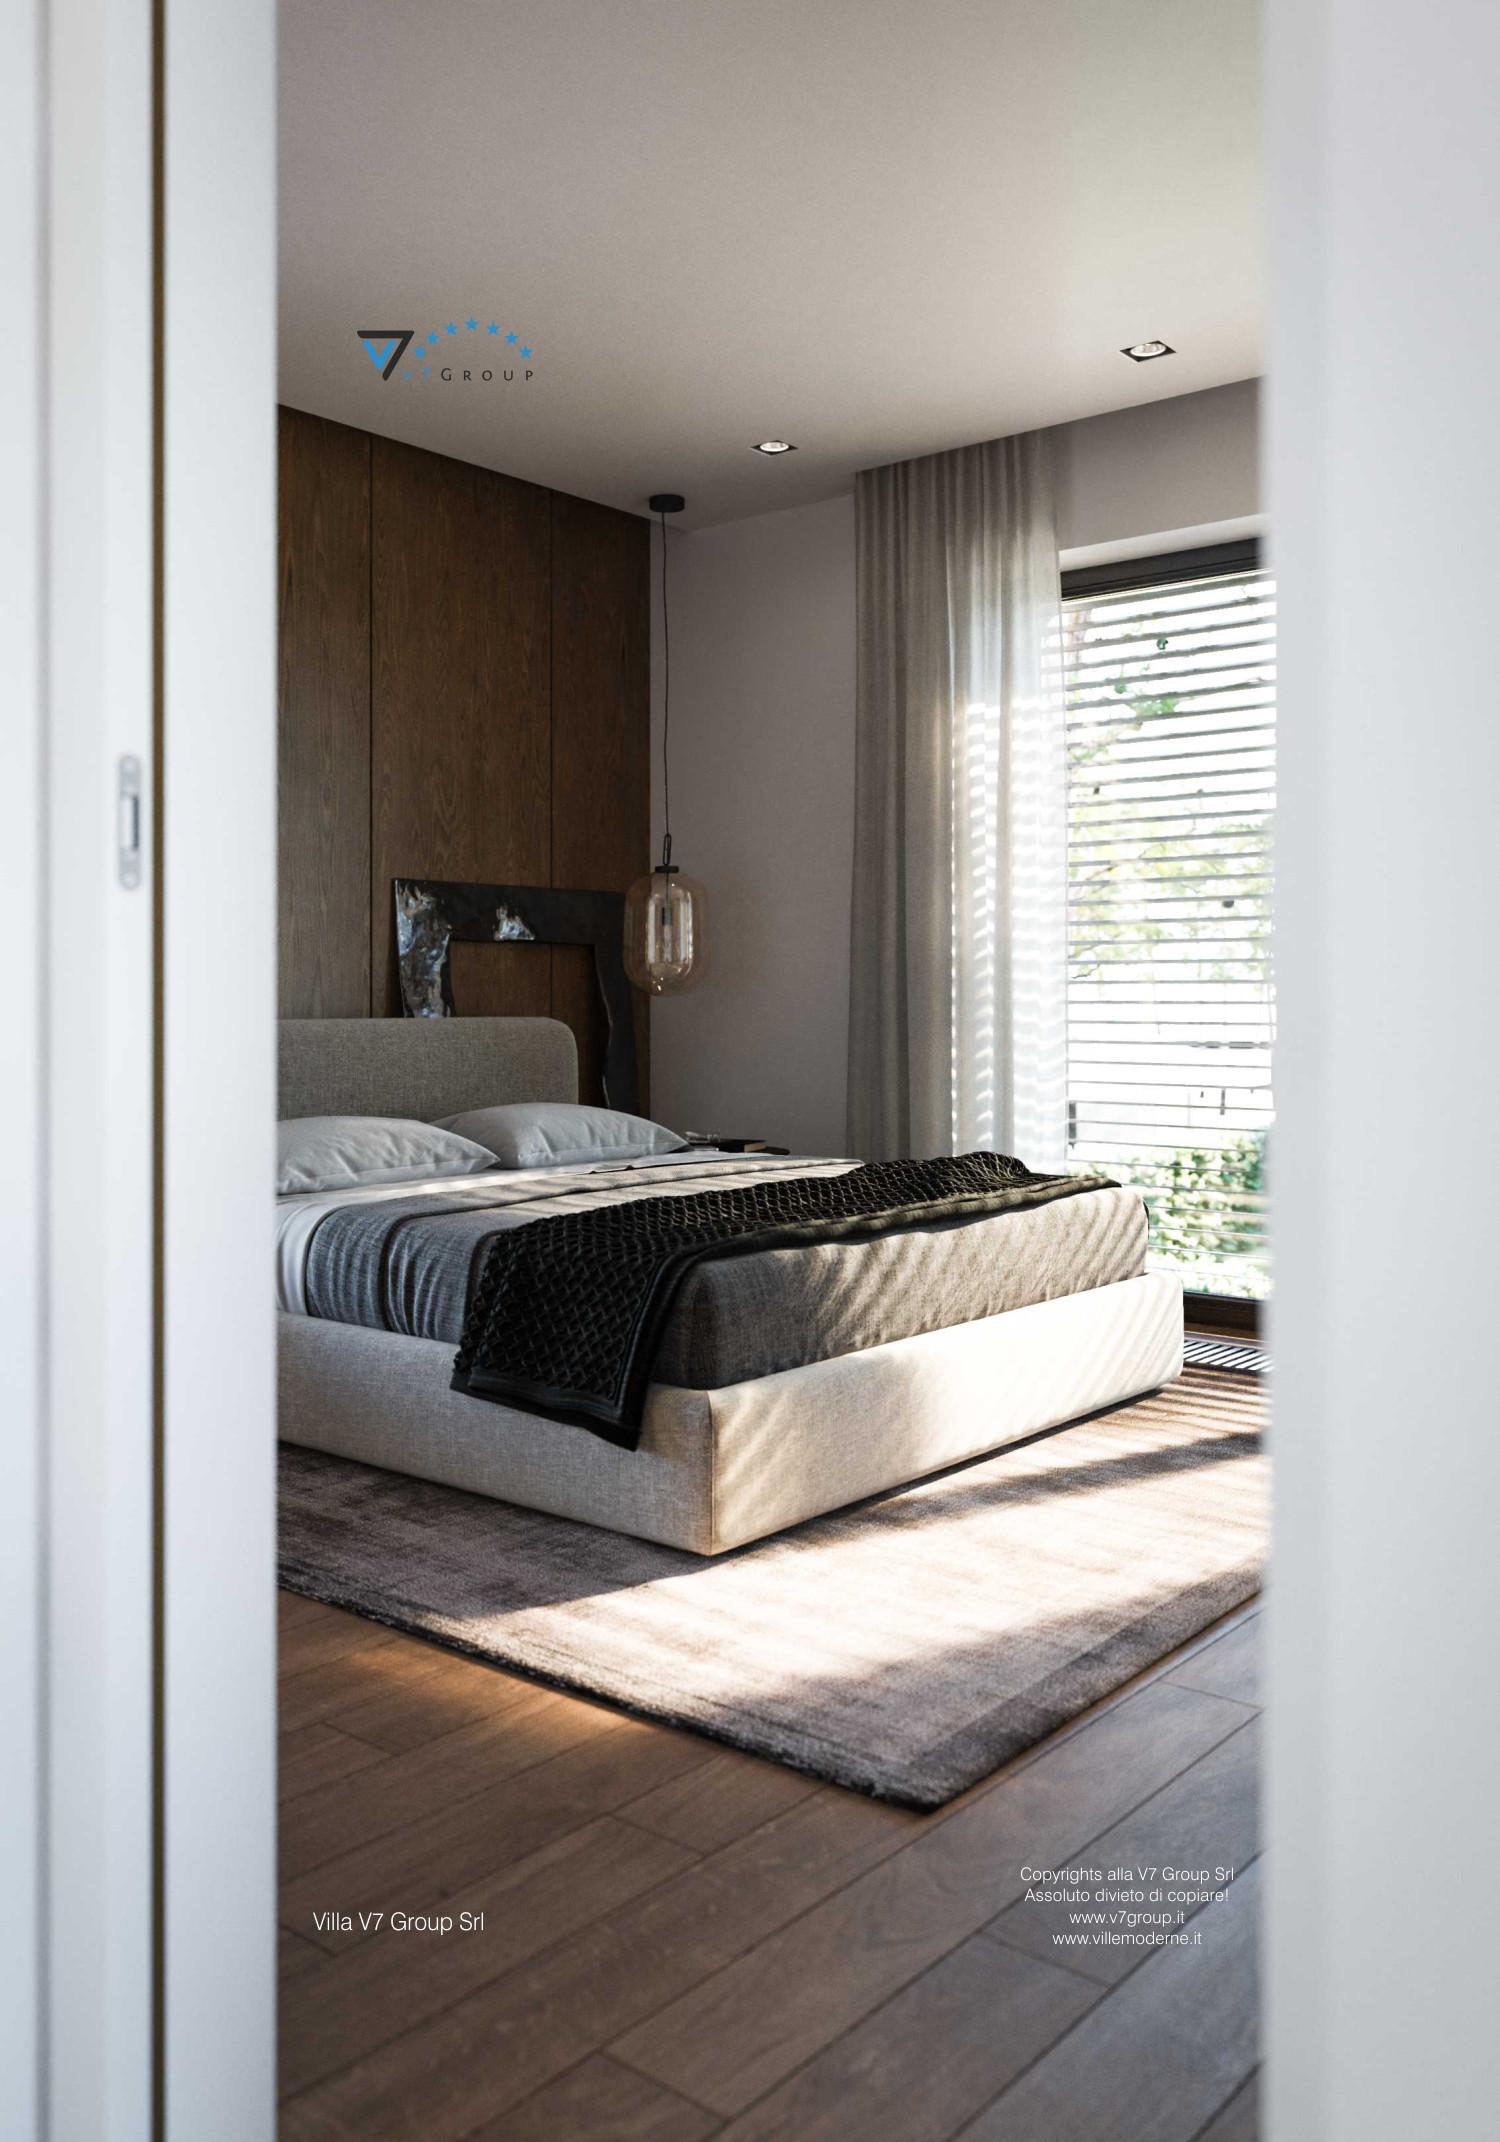 Immagine Villa V74 - interno 18 - letto matrimoniale in dettaglio - corretto